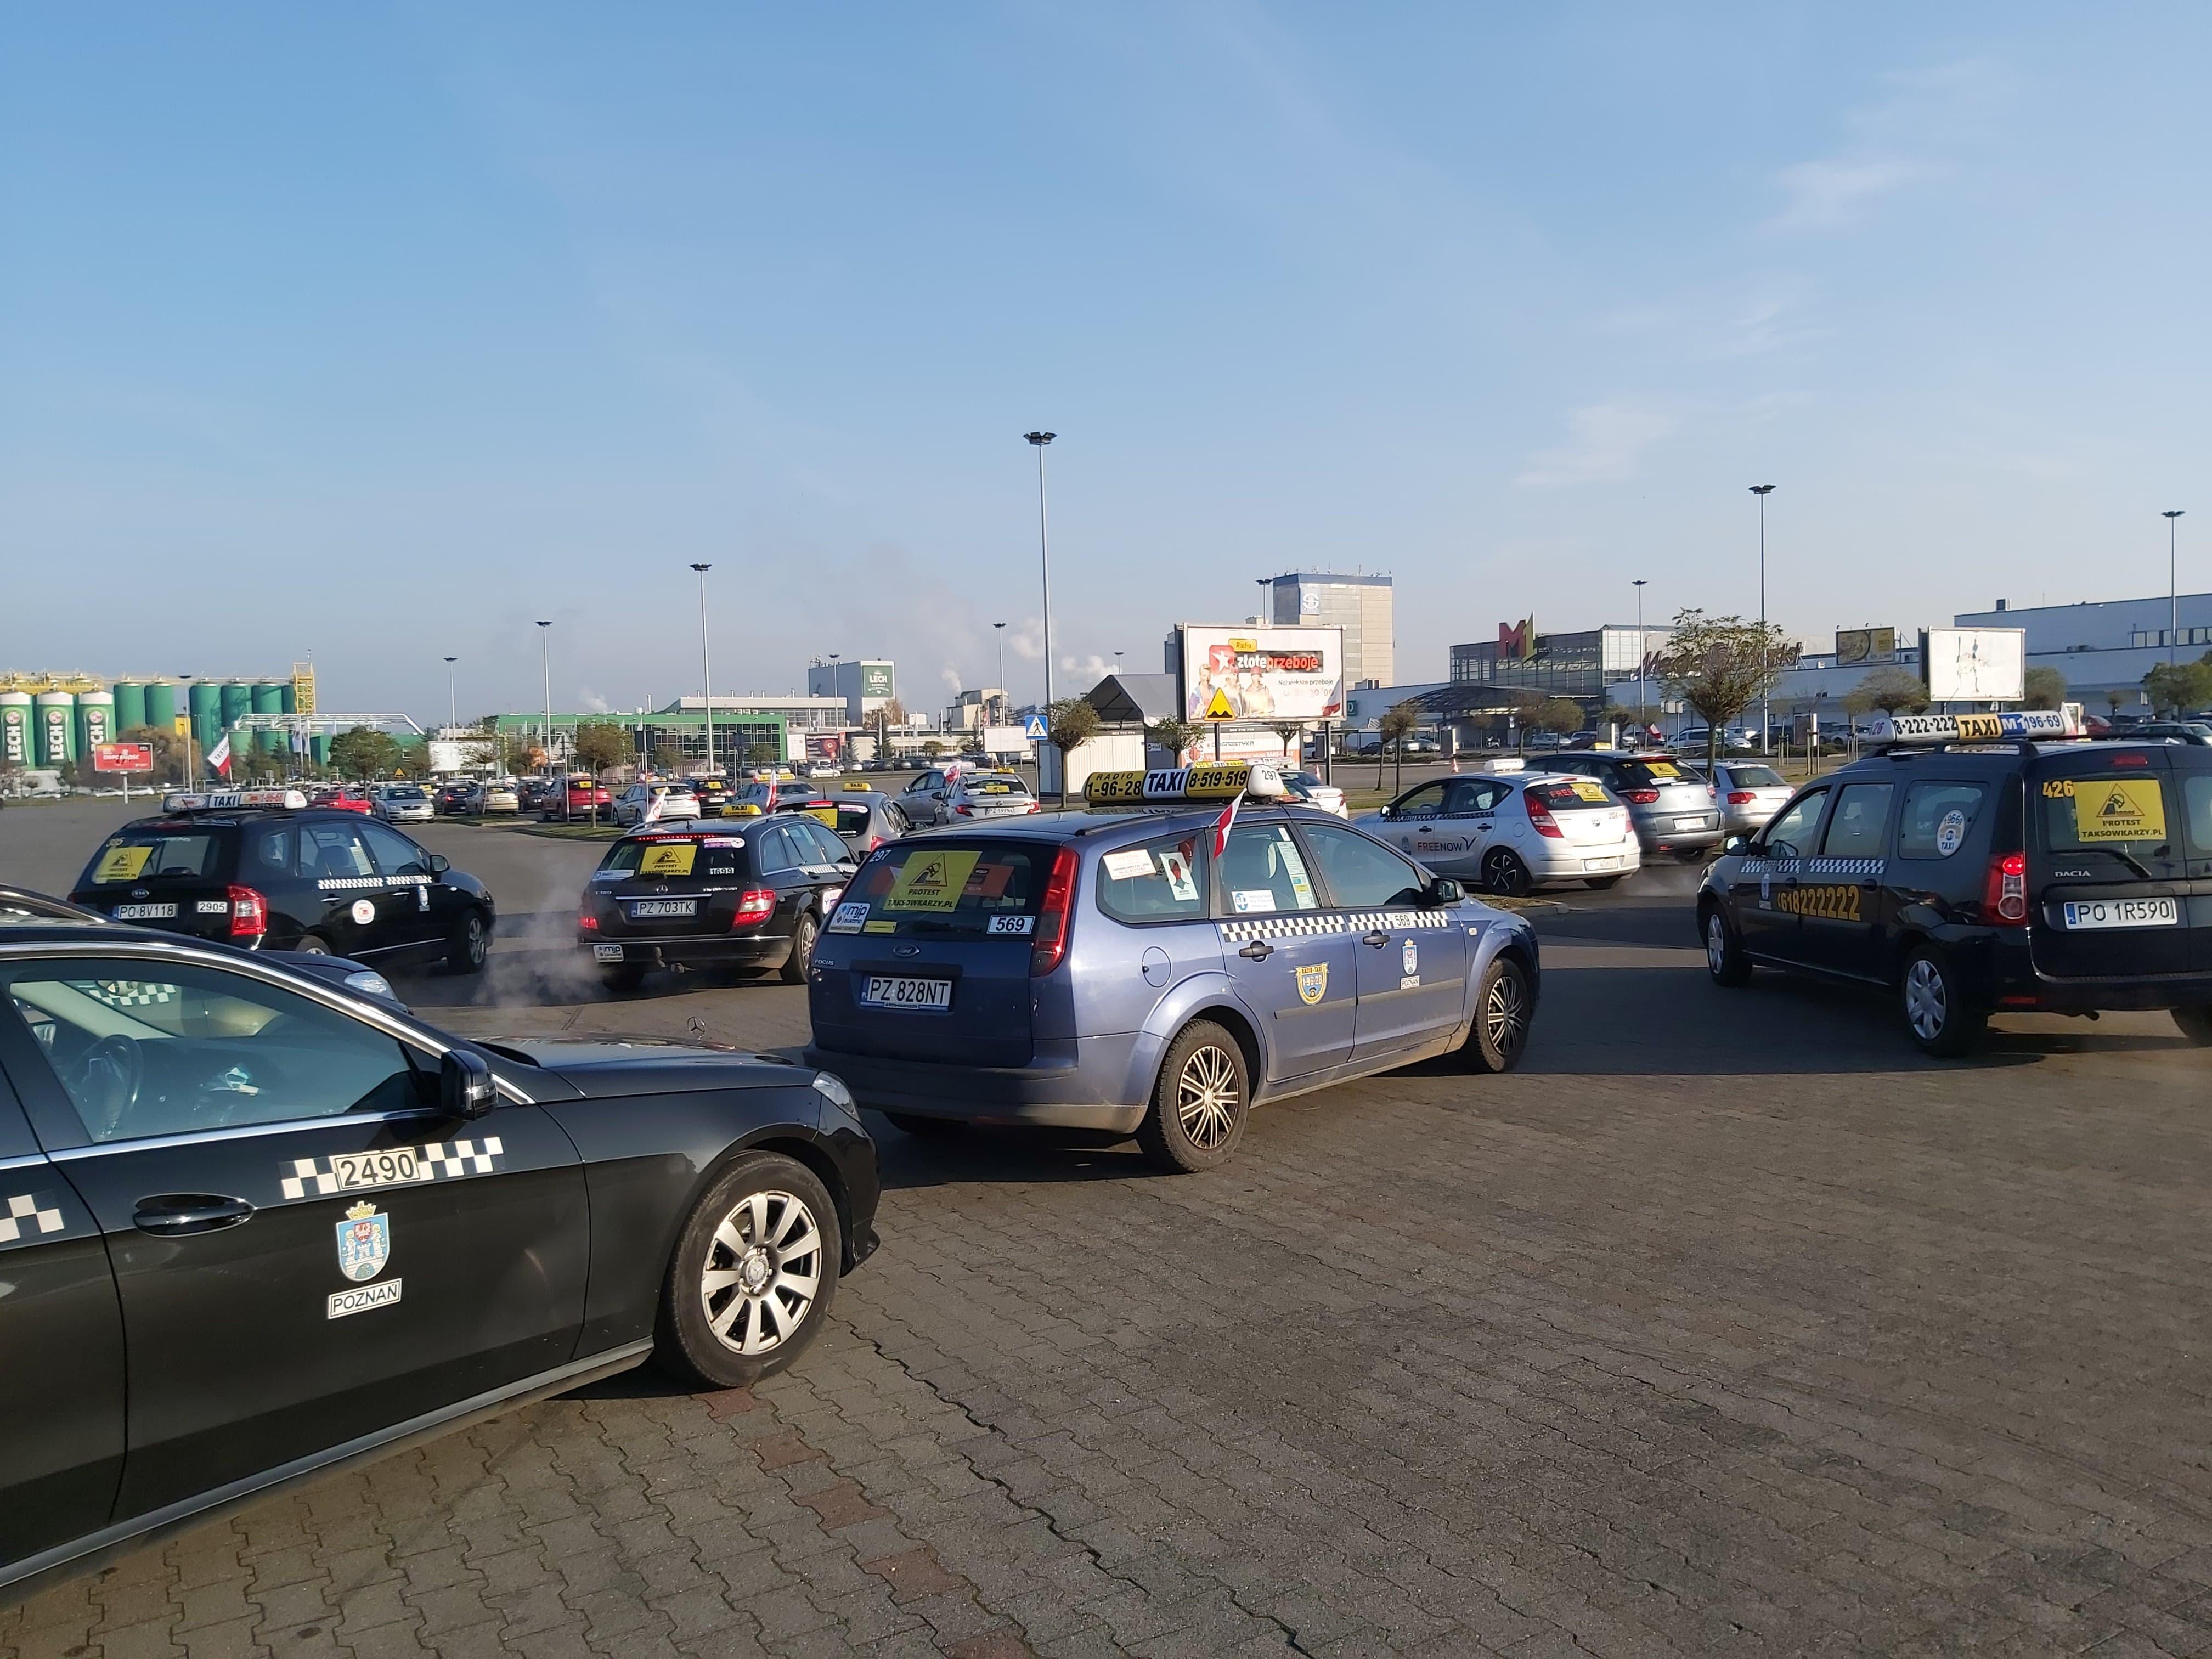 taksówkarze protest - Krzysztof Polasik